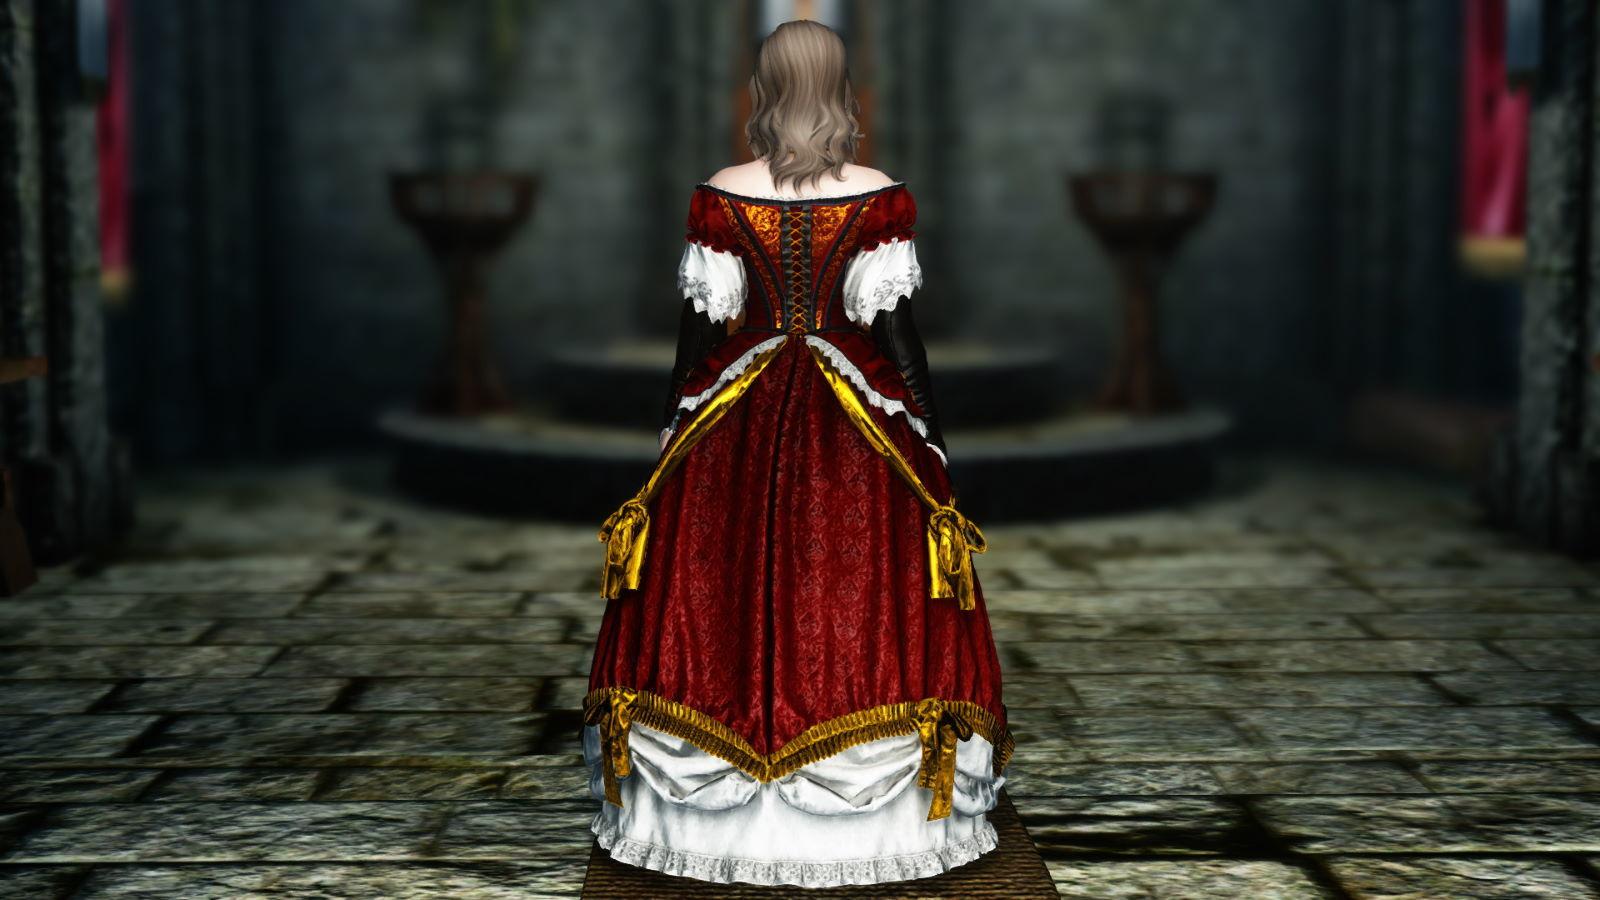 FullInuEliseDressSK 261-1 Pose Dress Red 1